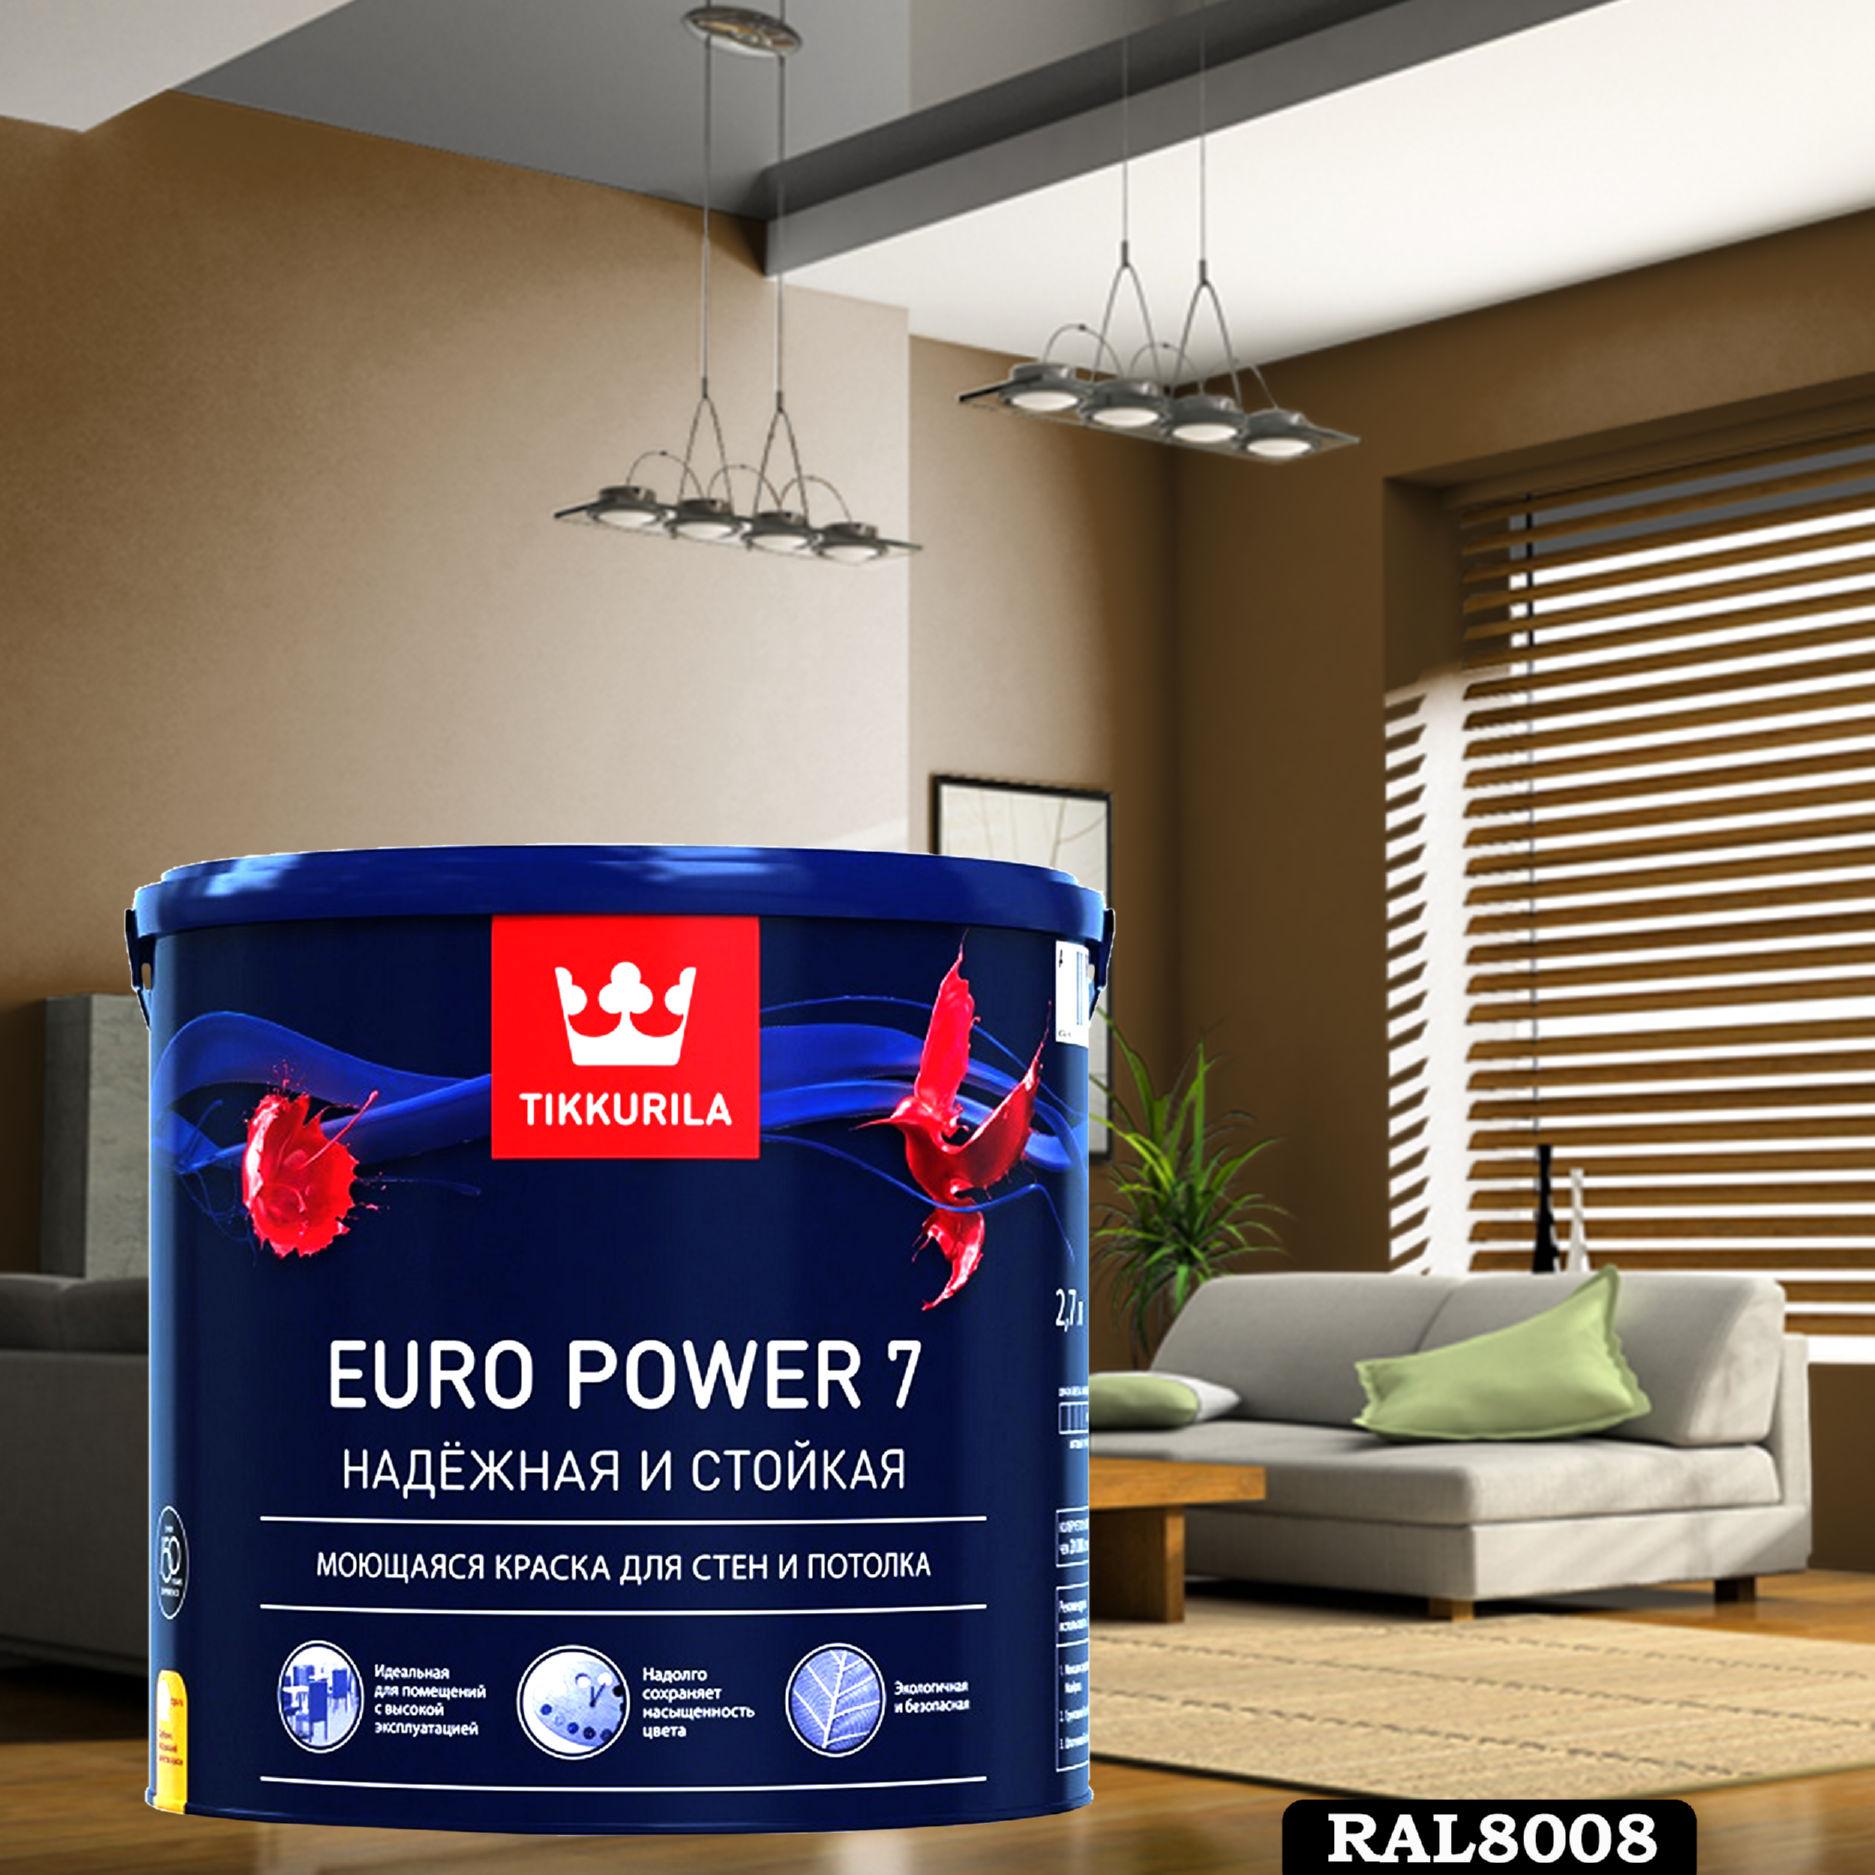 Фото 7 - Краска TIKKURILA Euro Power 7,  RAL 8008 Оливково-коричневый, латексная моющаяся матовая интерьерная, 9 л.